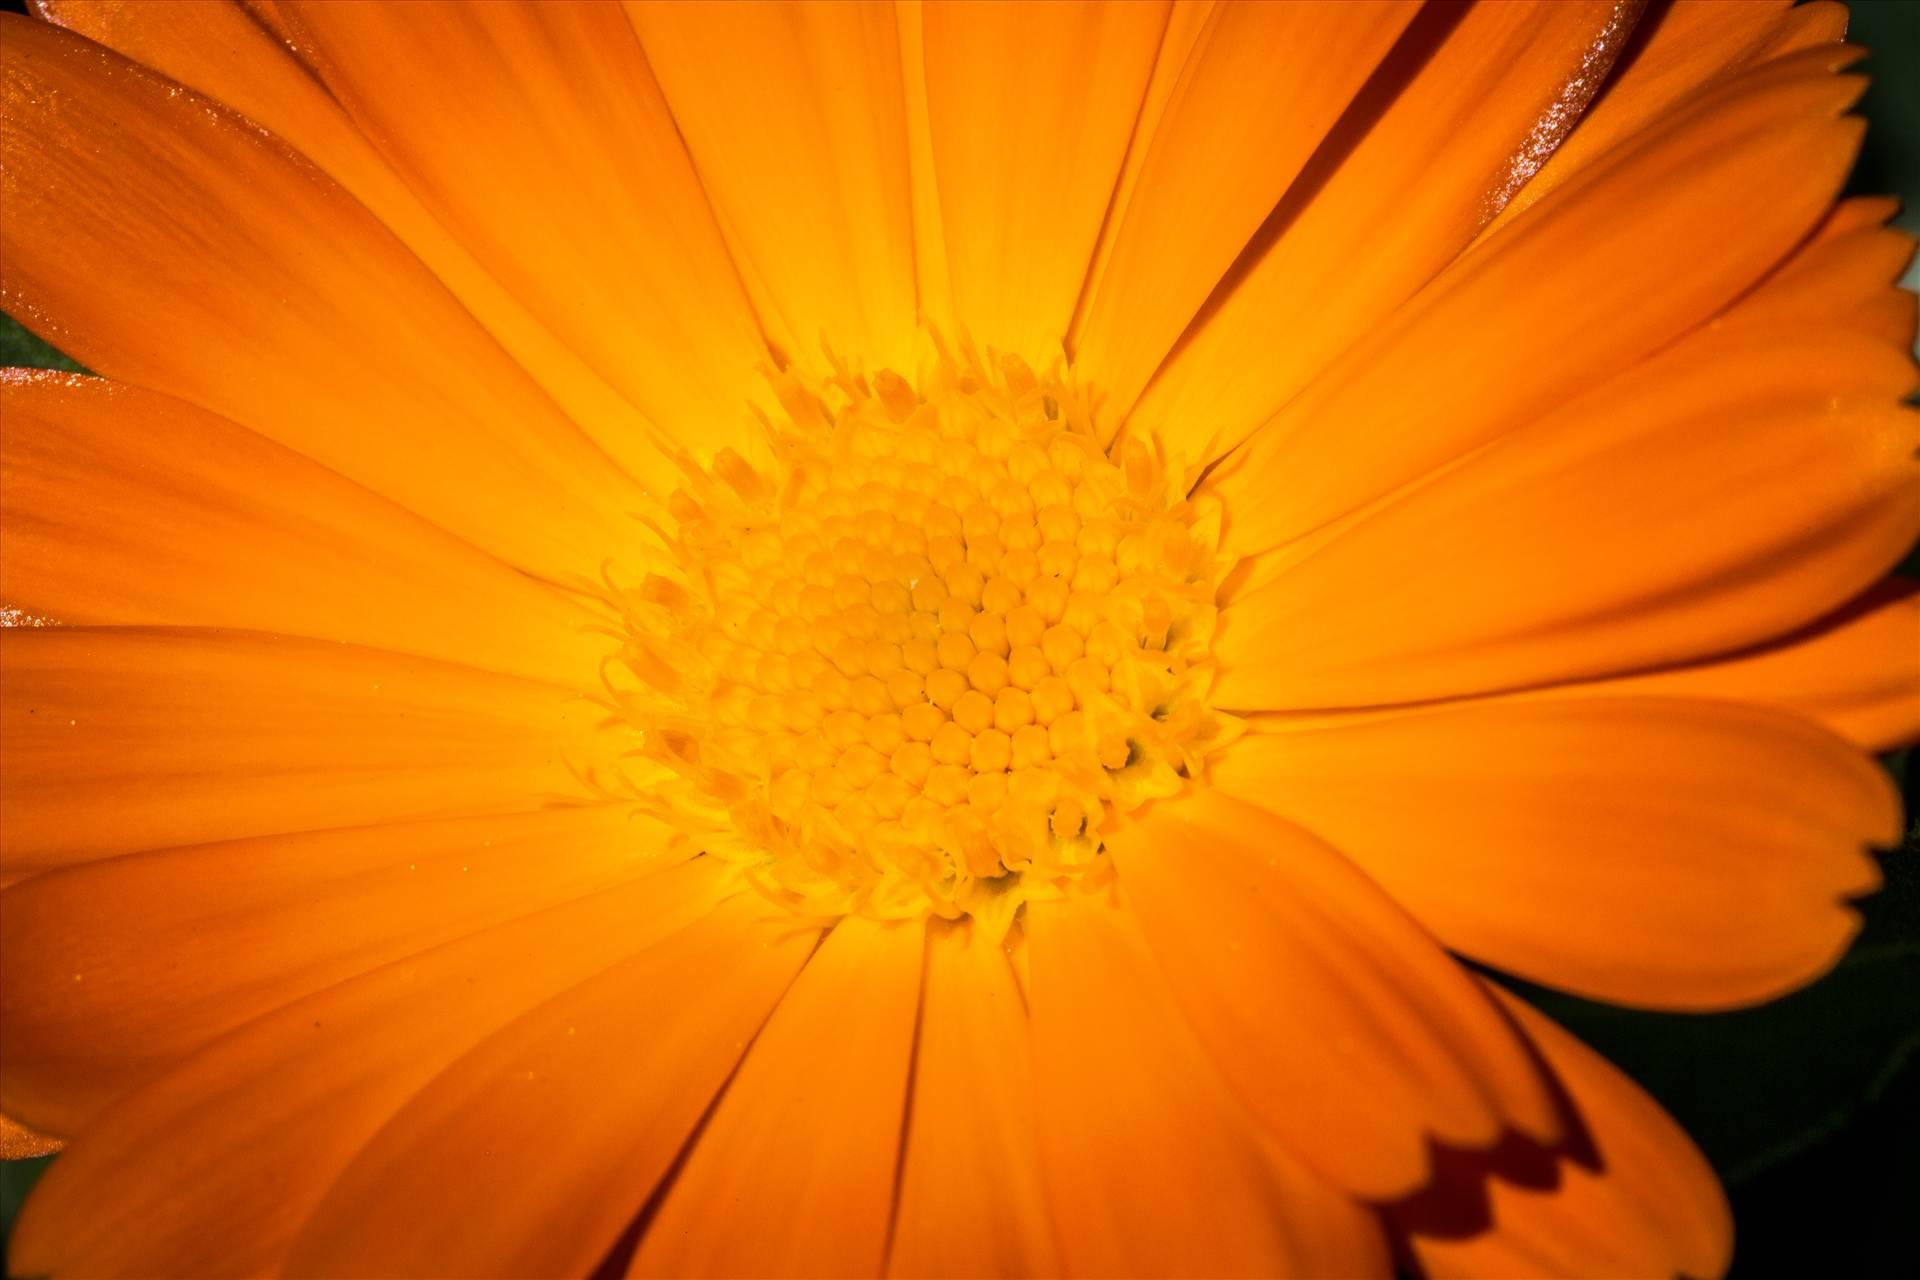 Orange Daisy - A spring daisy in Langley, Washington by D Scott Smith